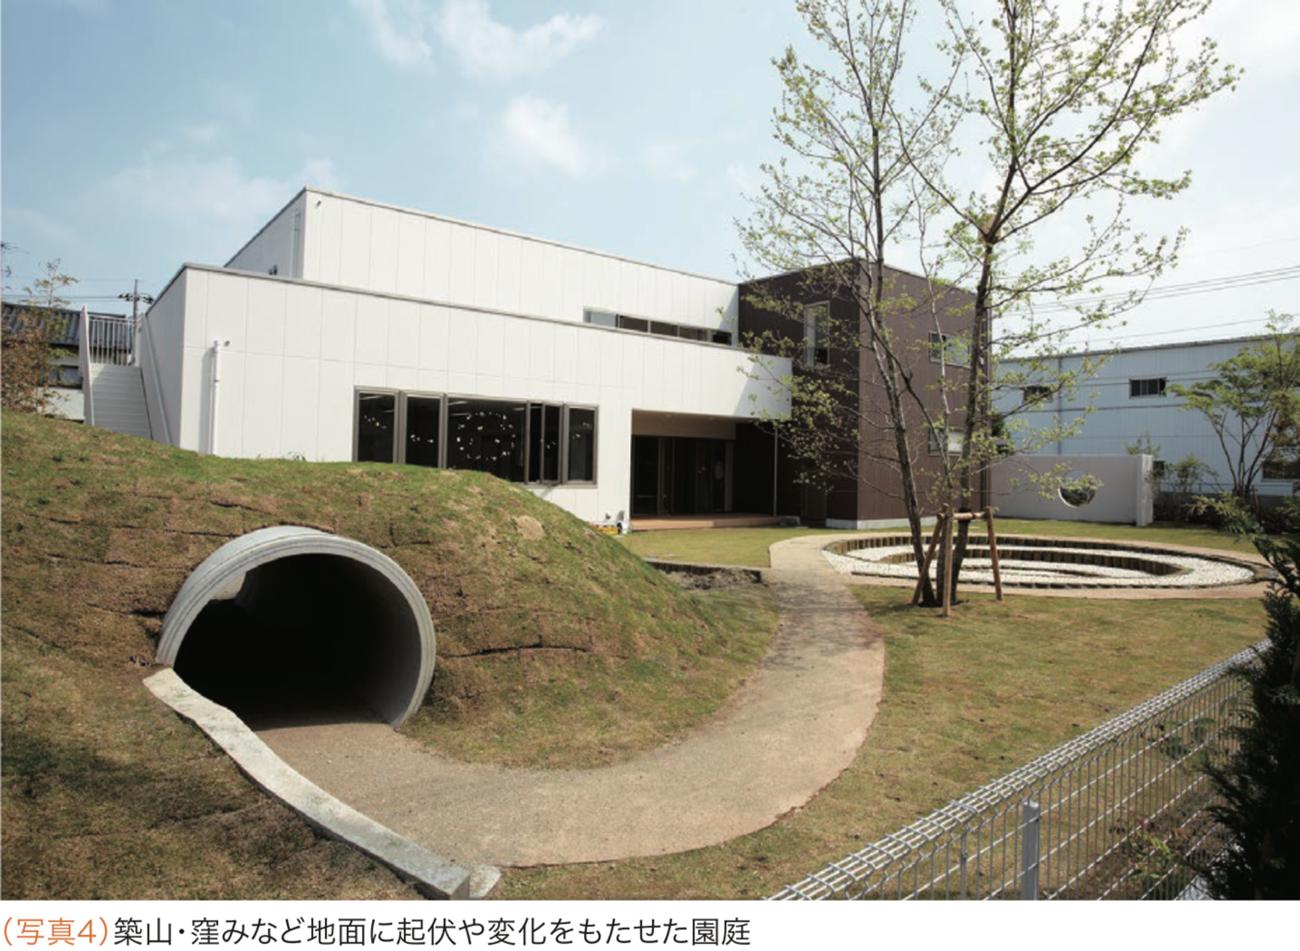 (写真4)築山・窪みなど地面に起伏や変化をもたせた園庭